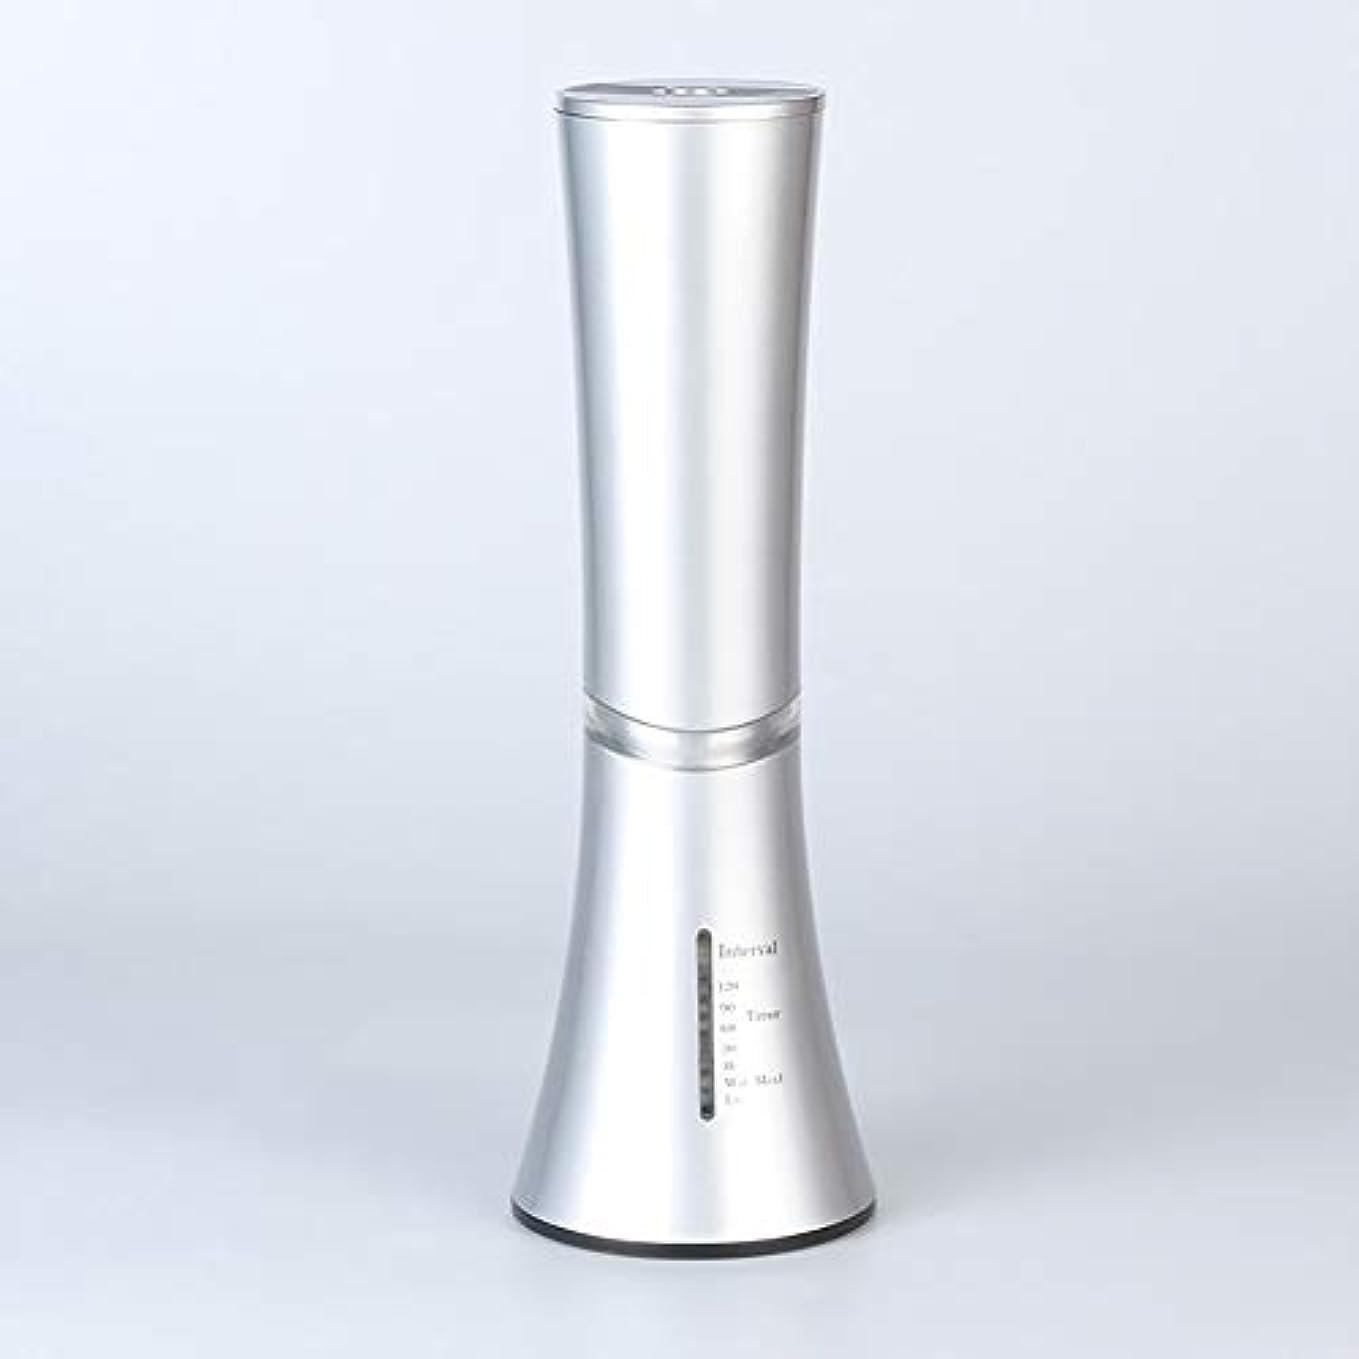 定期的呼吸するチキン超音波エッセンシャルオイルディフューザー、クールミスト加湿器、エッセンシャルオイル用アロマテラピーディフューザー、ホームヨガオフィス用自動シャットオフ